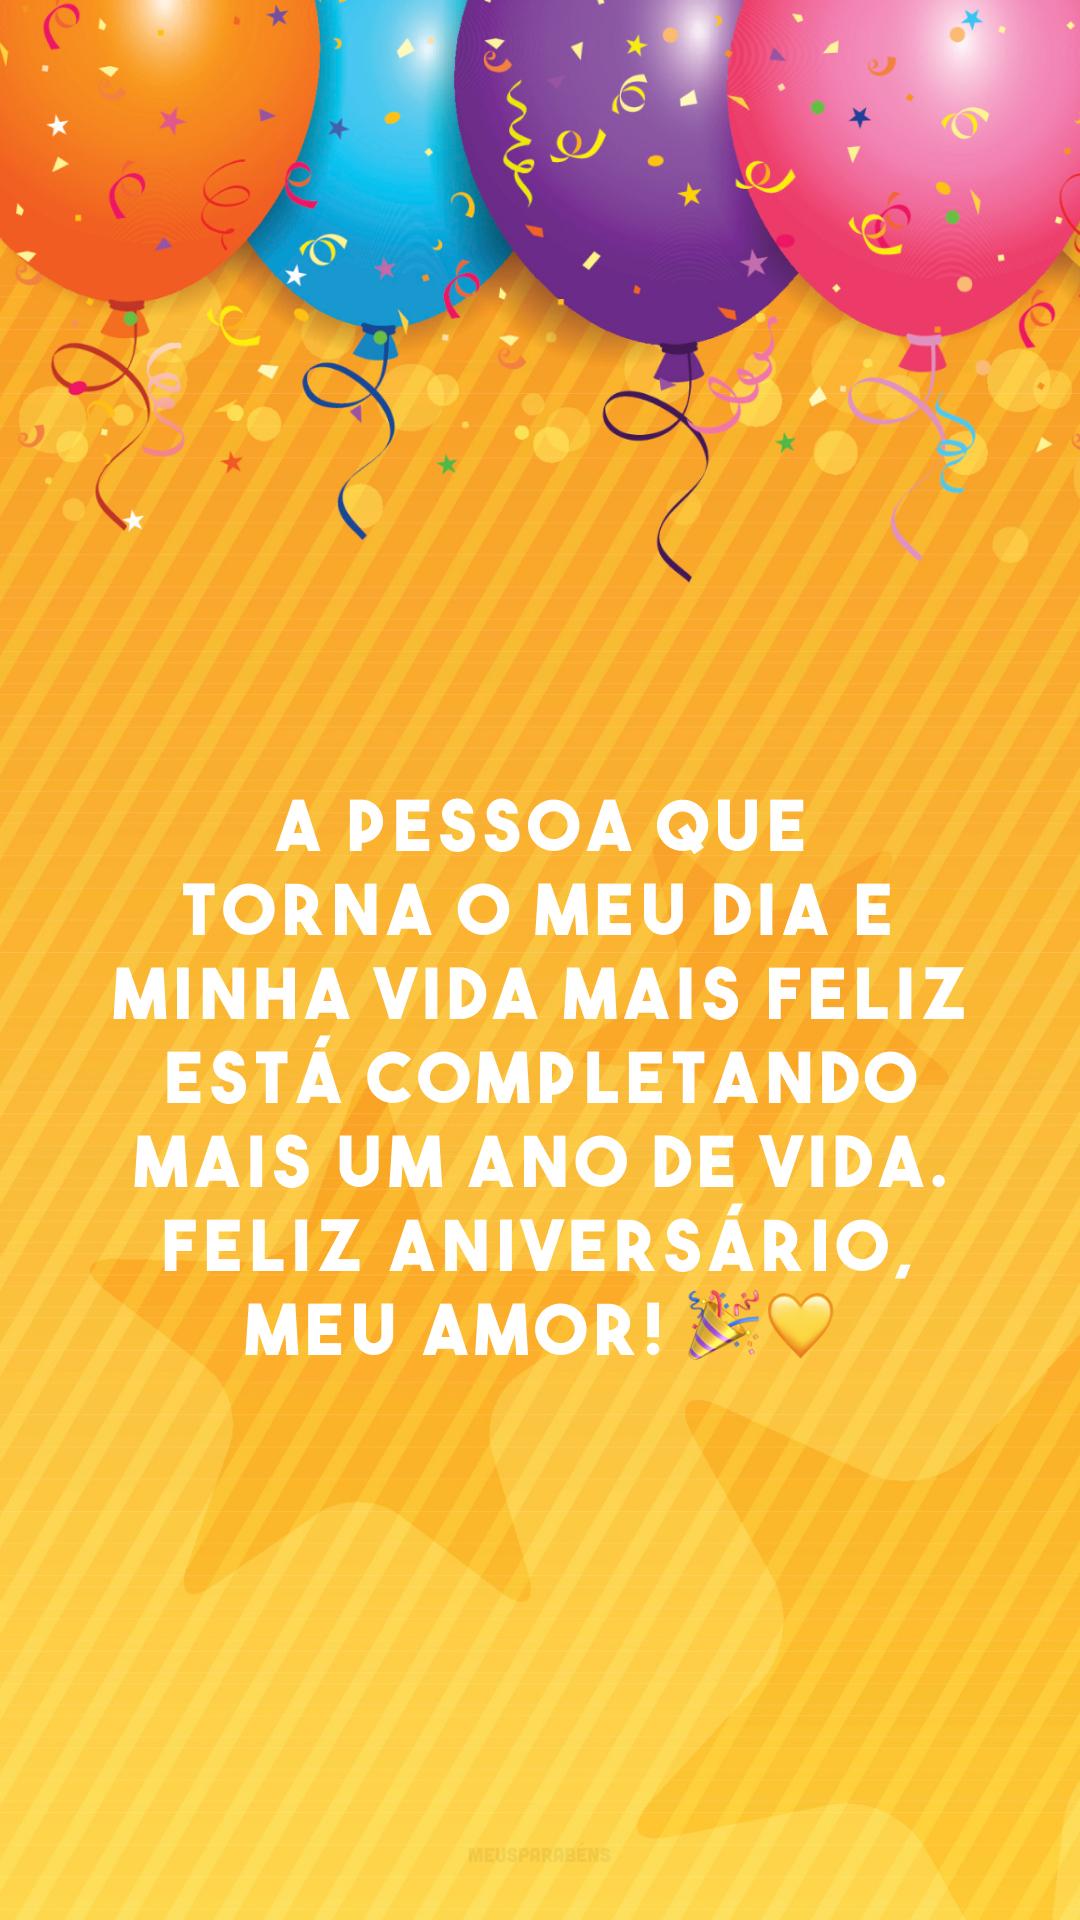 A pessoa que torna o meu dia e minha vida mais feliz está completando mais um ano de vida. Feliz aniversário, meu amor! 🎉💛